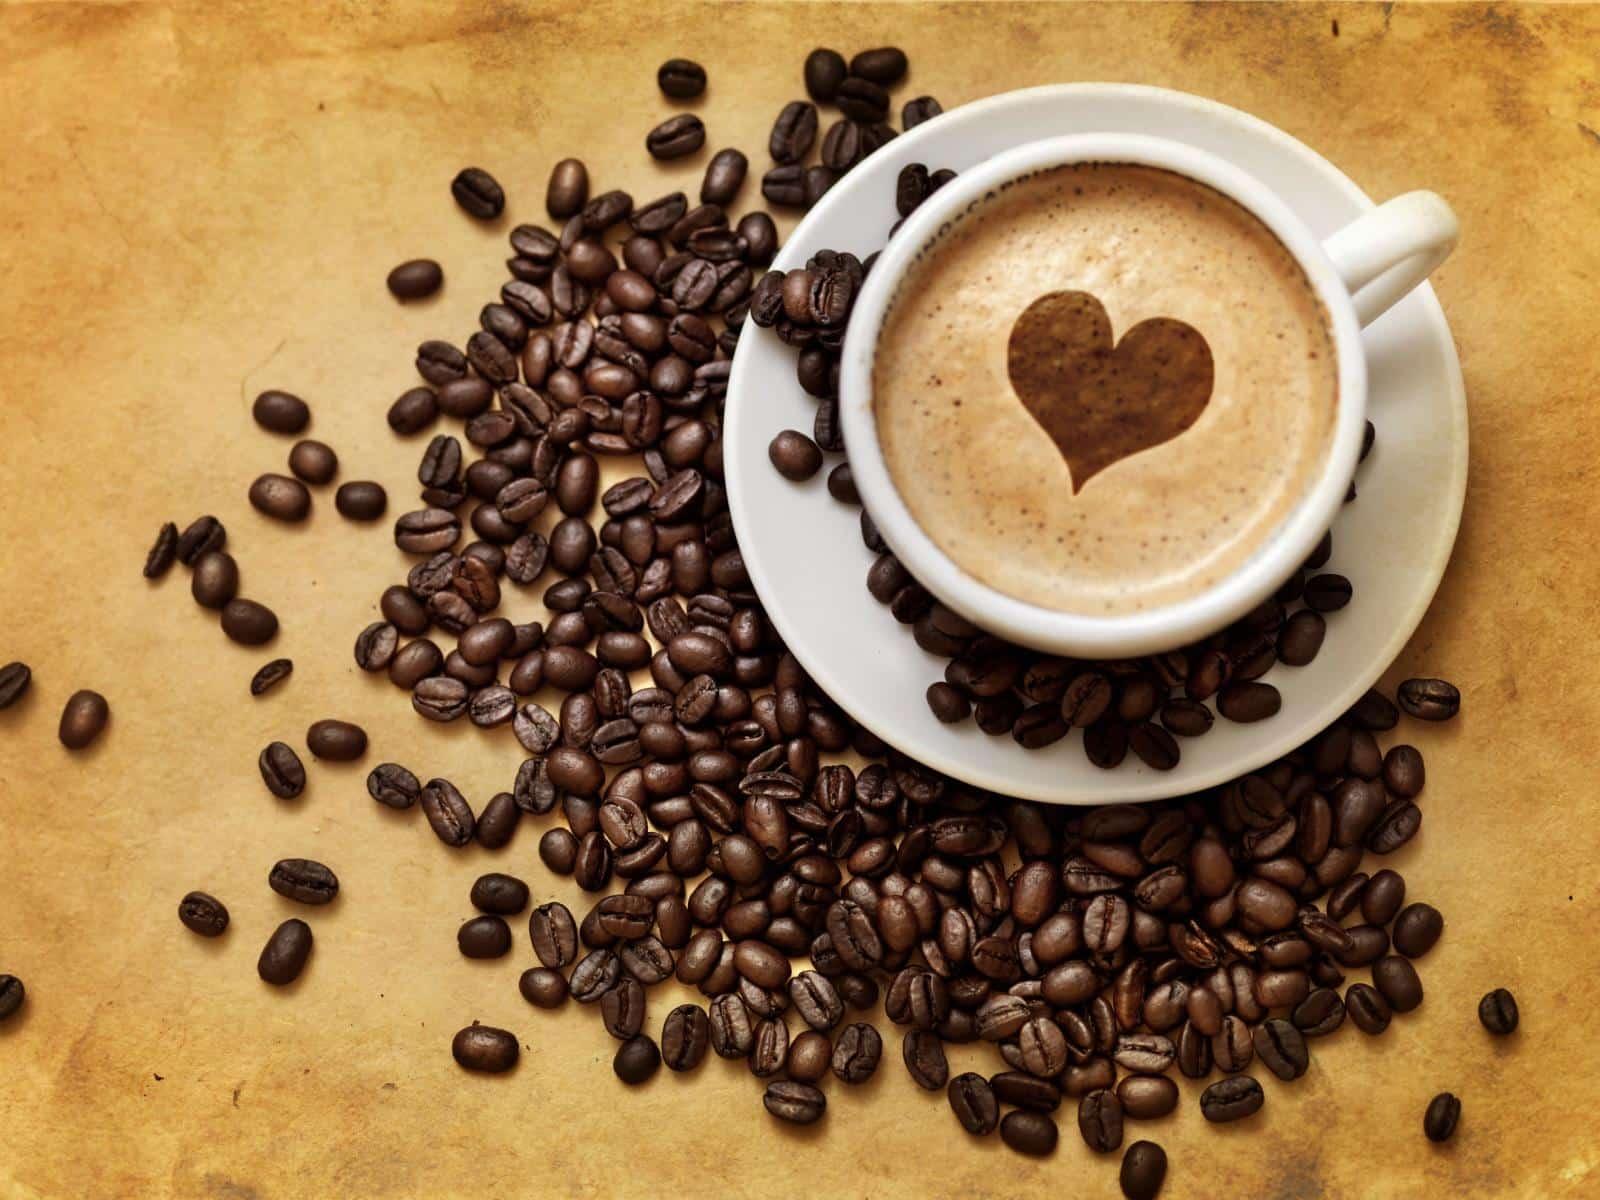 Công dụng làm đẹp da từ café không phải ai cũng biết - N.V.F